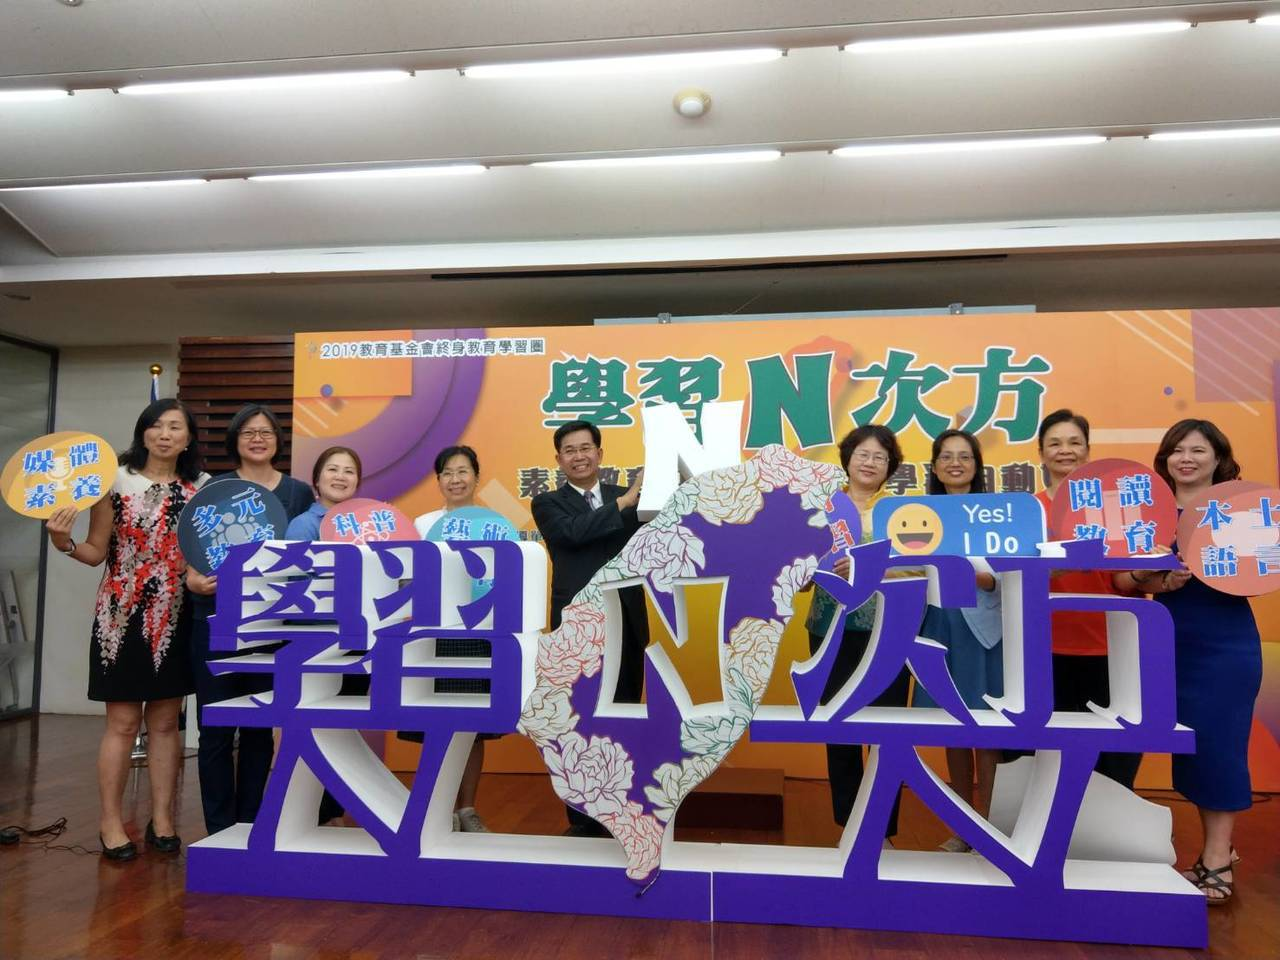 教育部昨舉辦「學習N次方」、終身學習圈系列活動啟動儀式。記者張錦弘/攝影